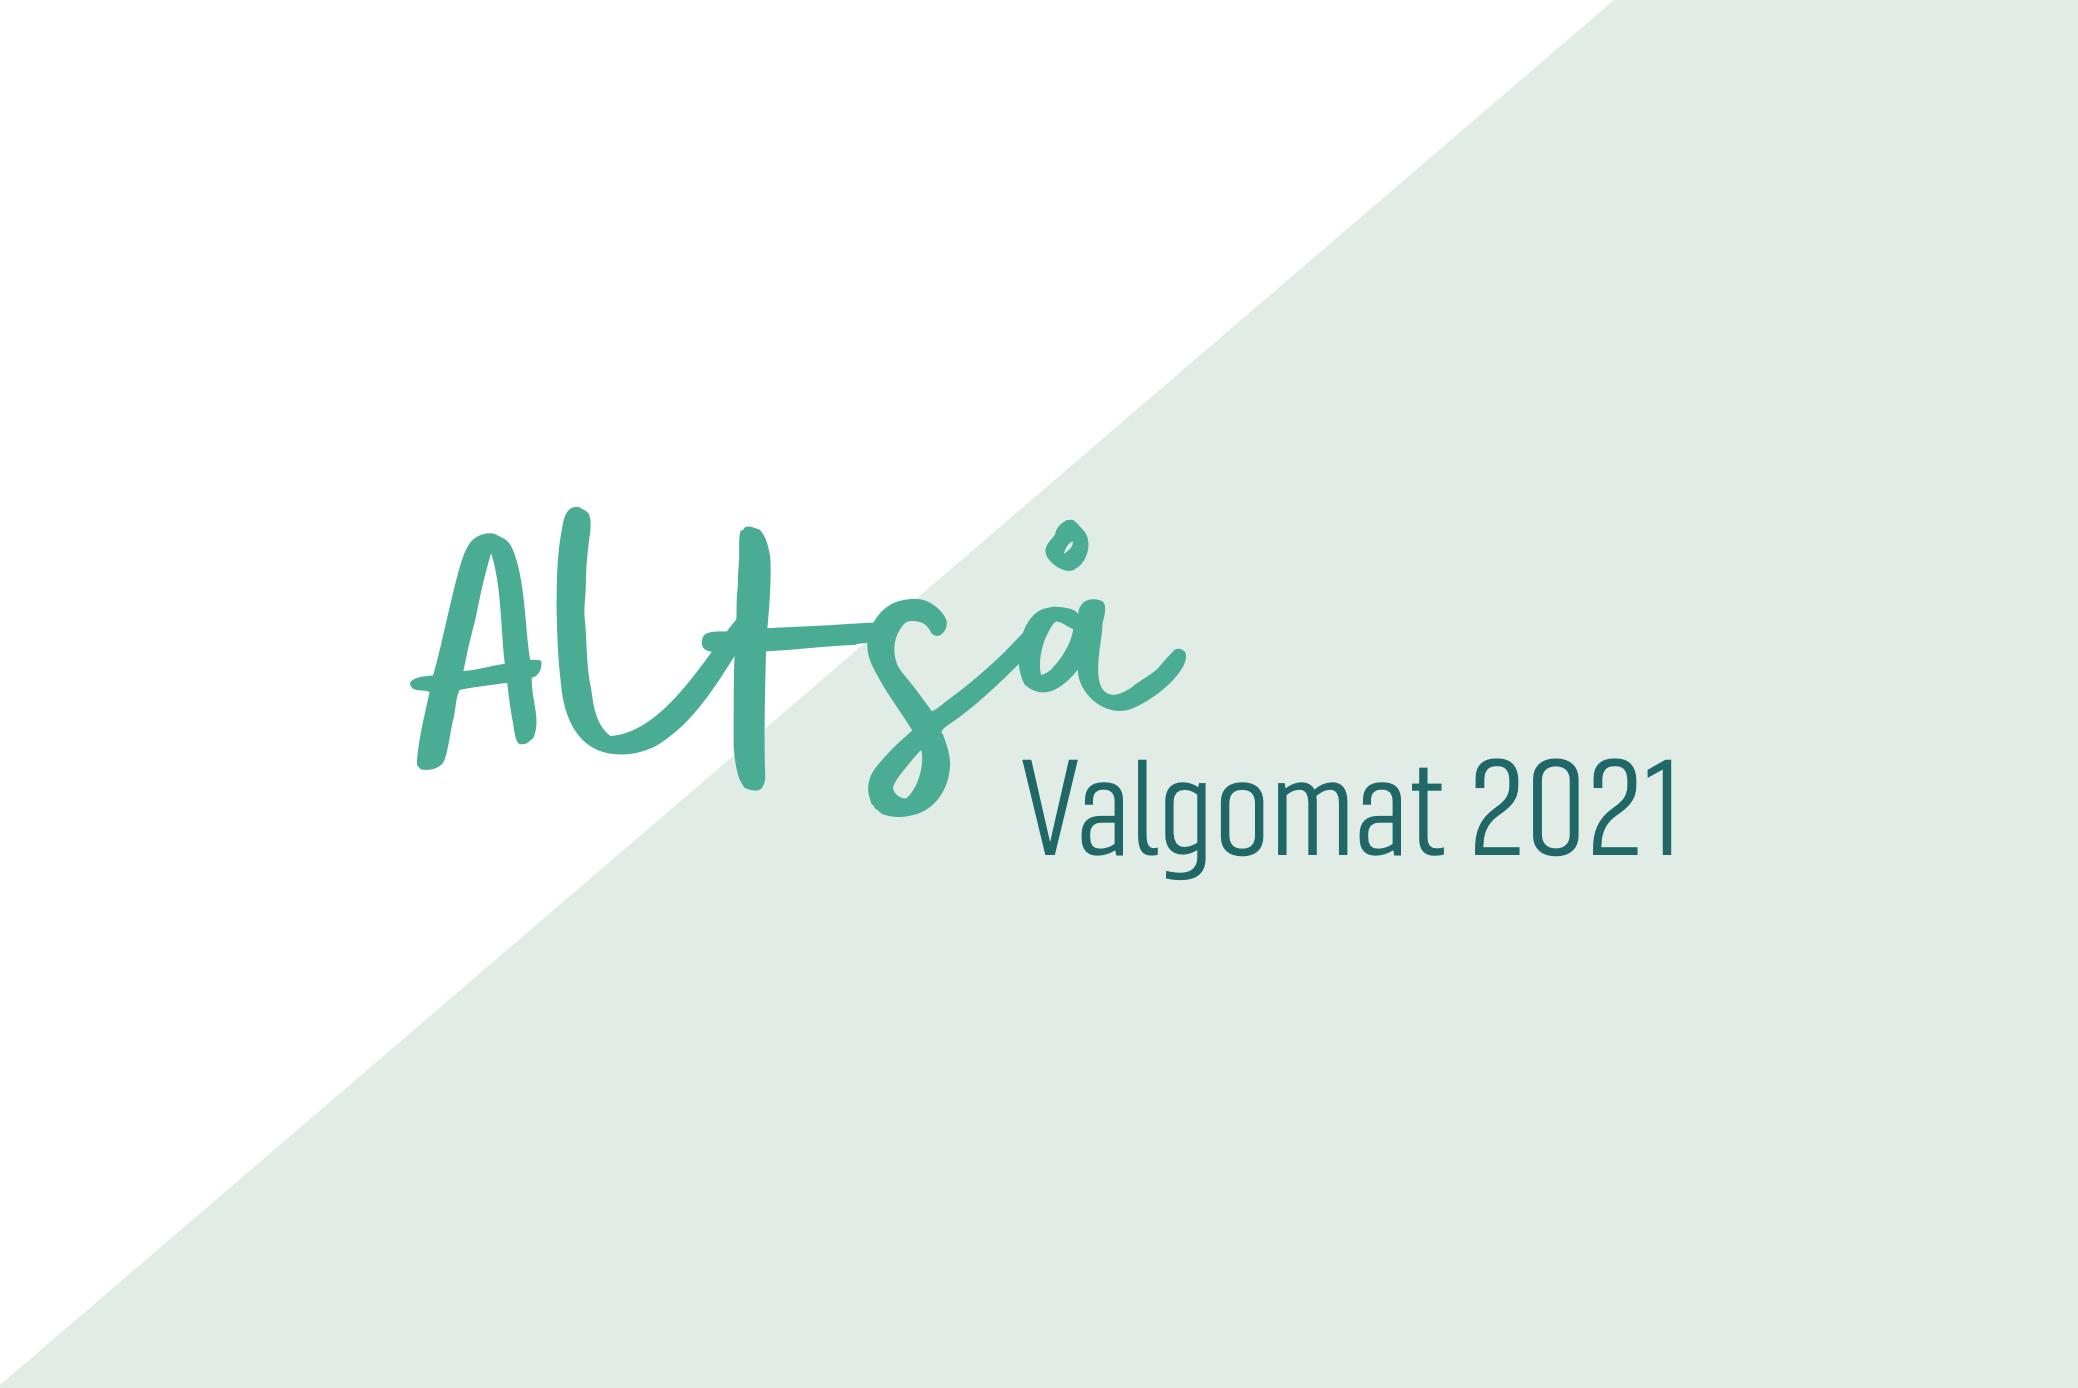 ALTSÅ-valgomat-2021_artikkel 2078x1388